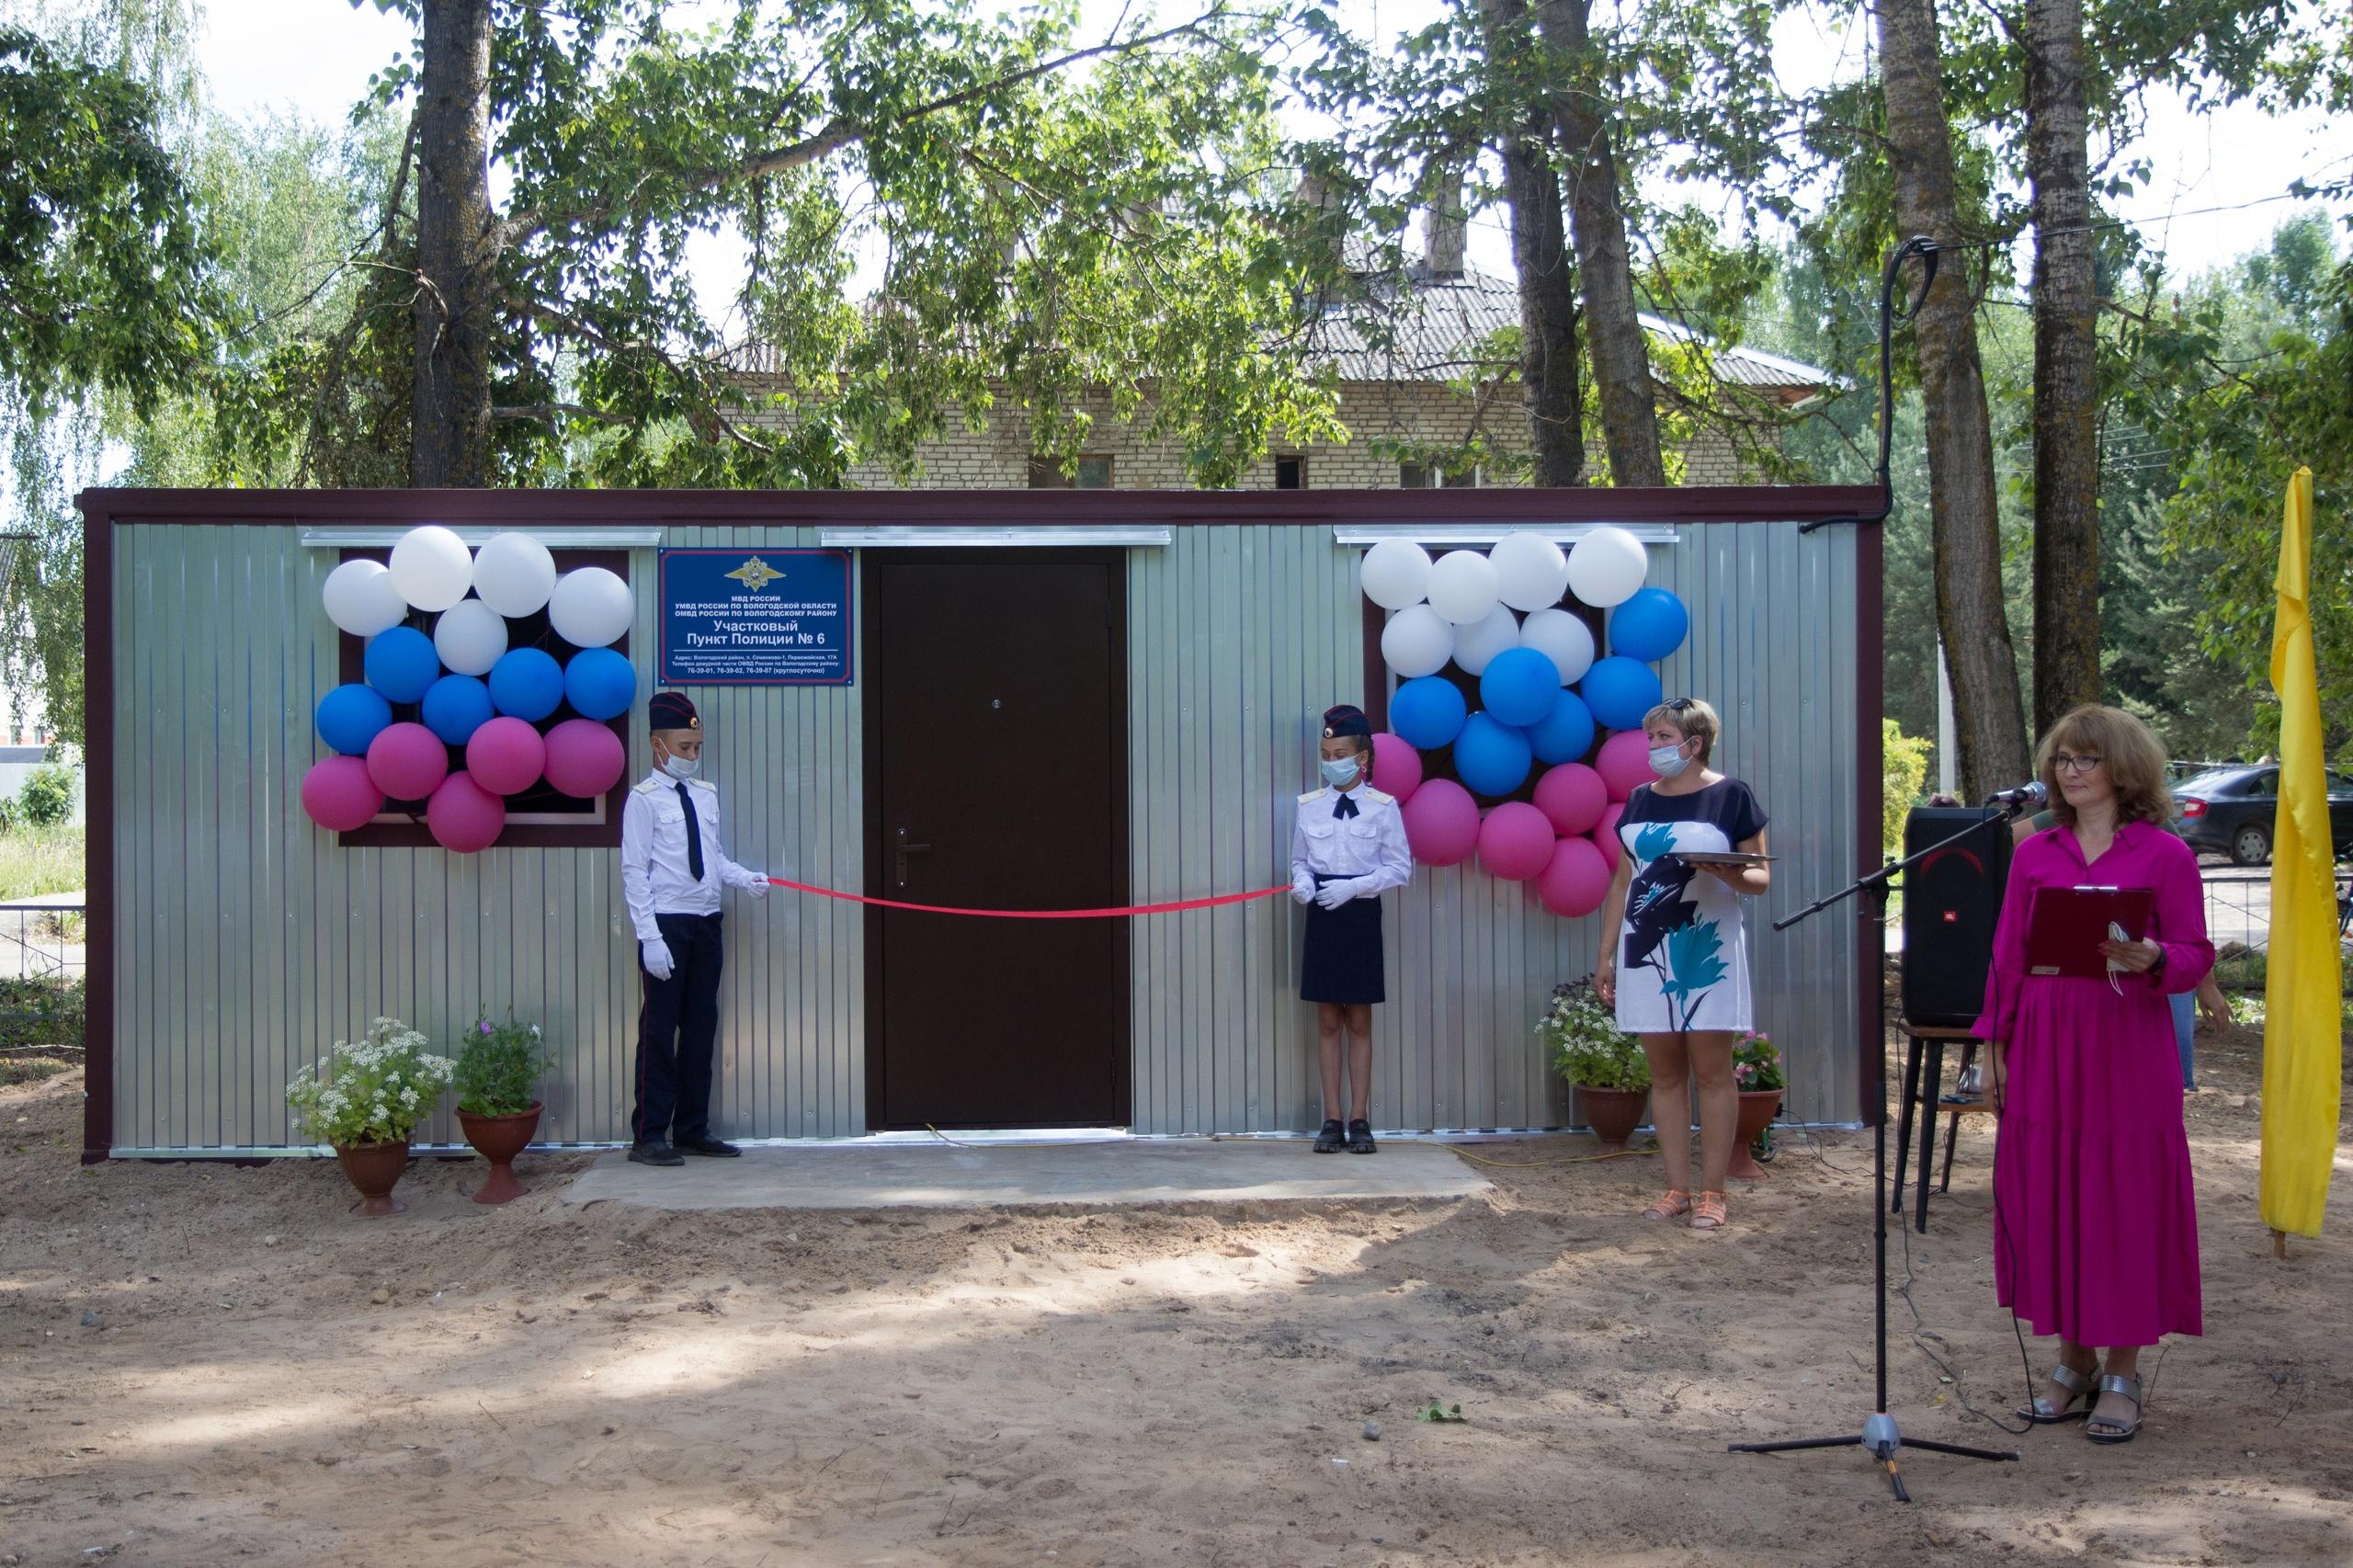 В Вологодском районе с шарами и красной лентой открыли полицейский вагончик